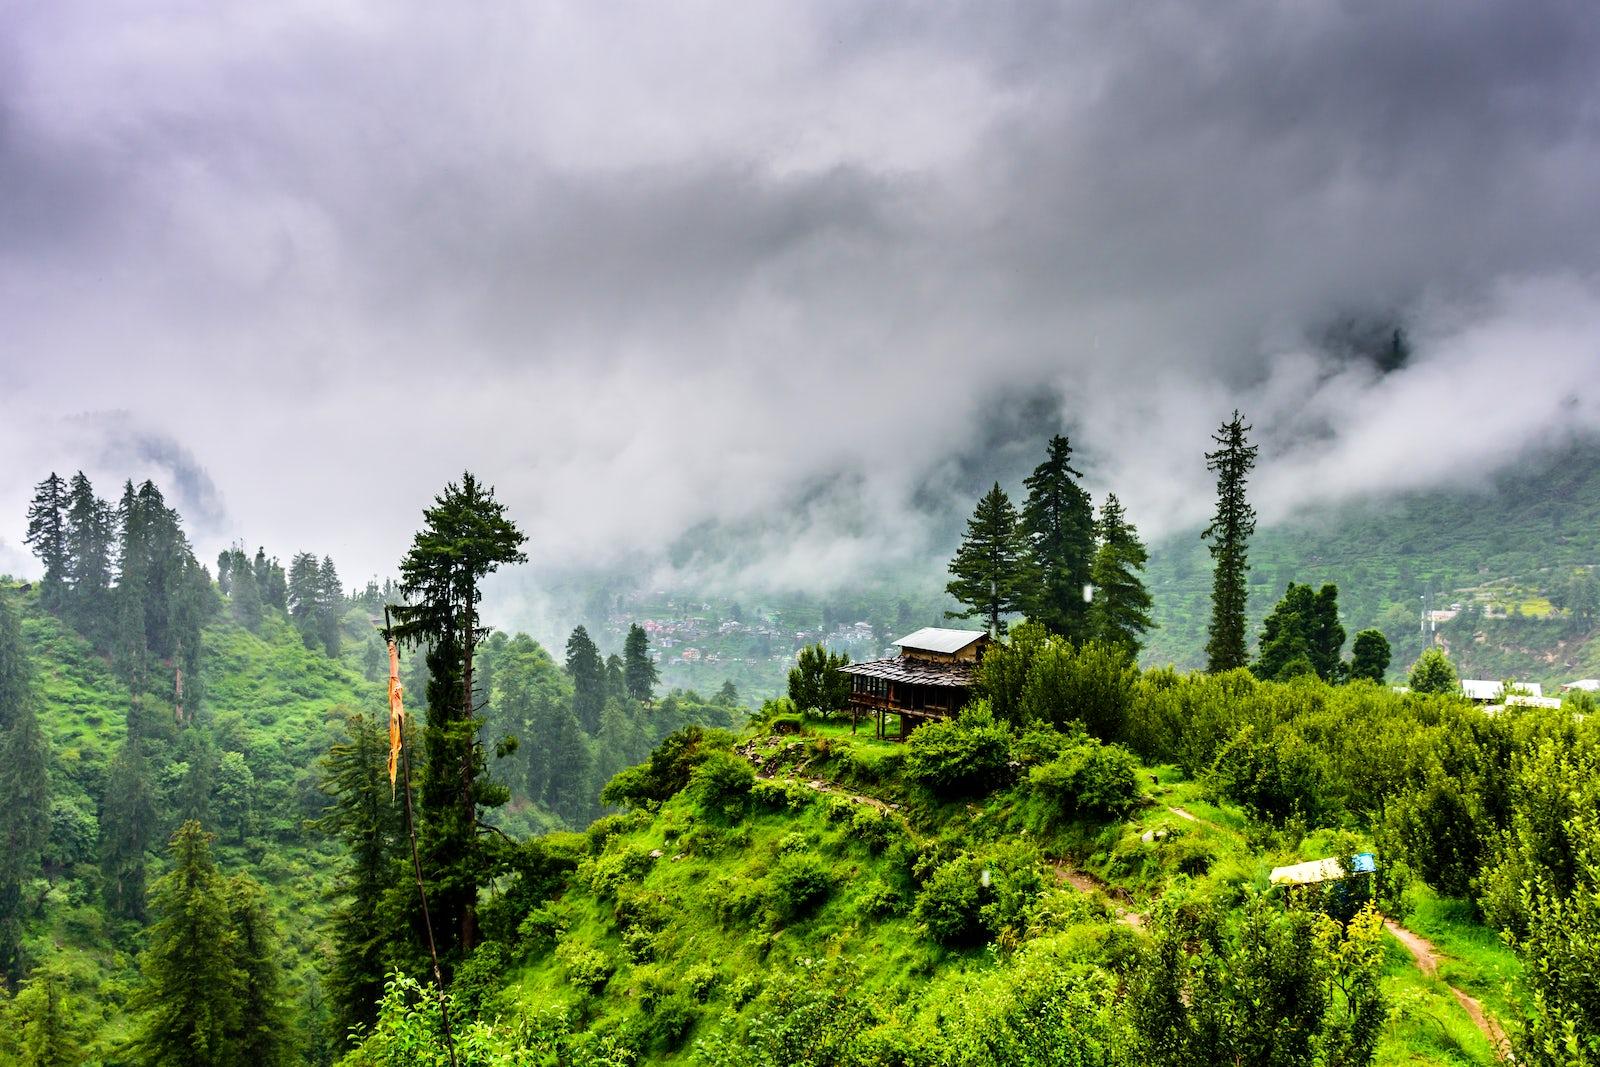 © istock/ Sumit_Kumar_99